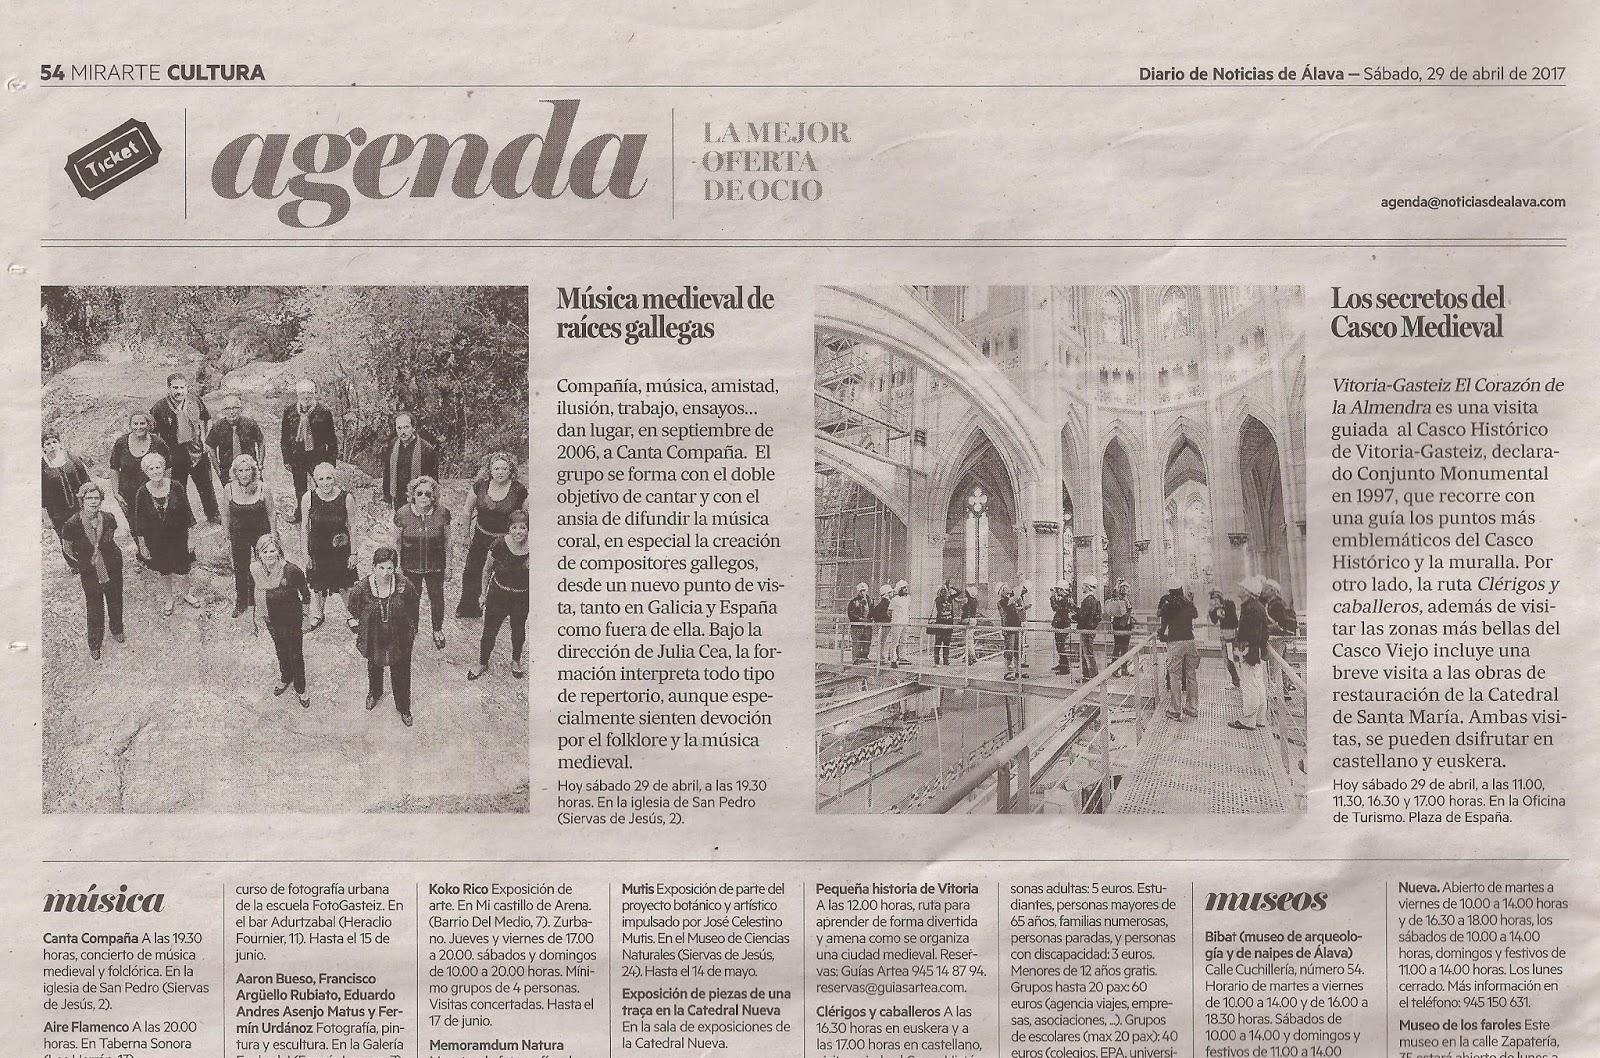 Diario_Alava_Canta-Compaña